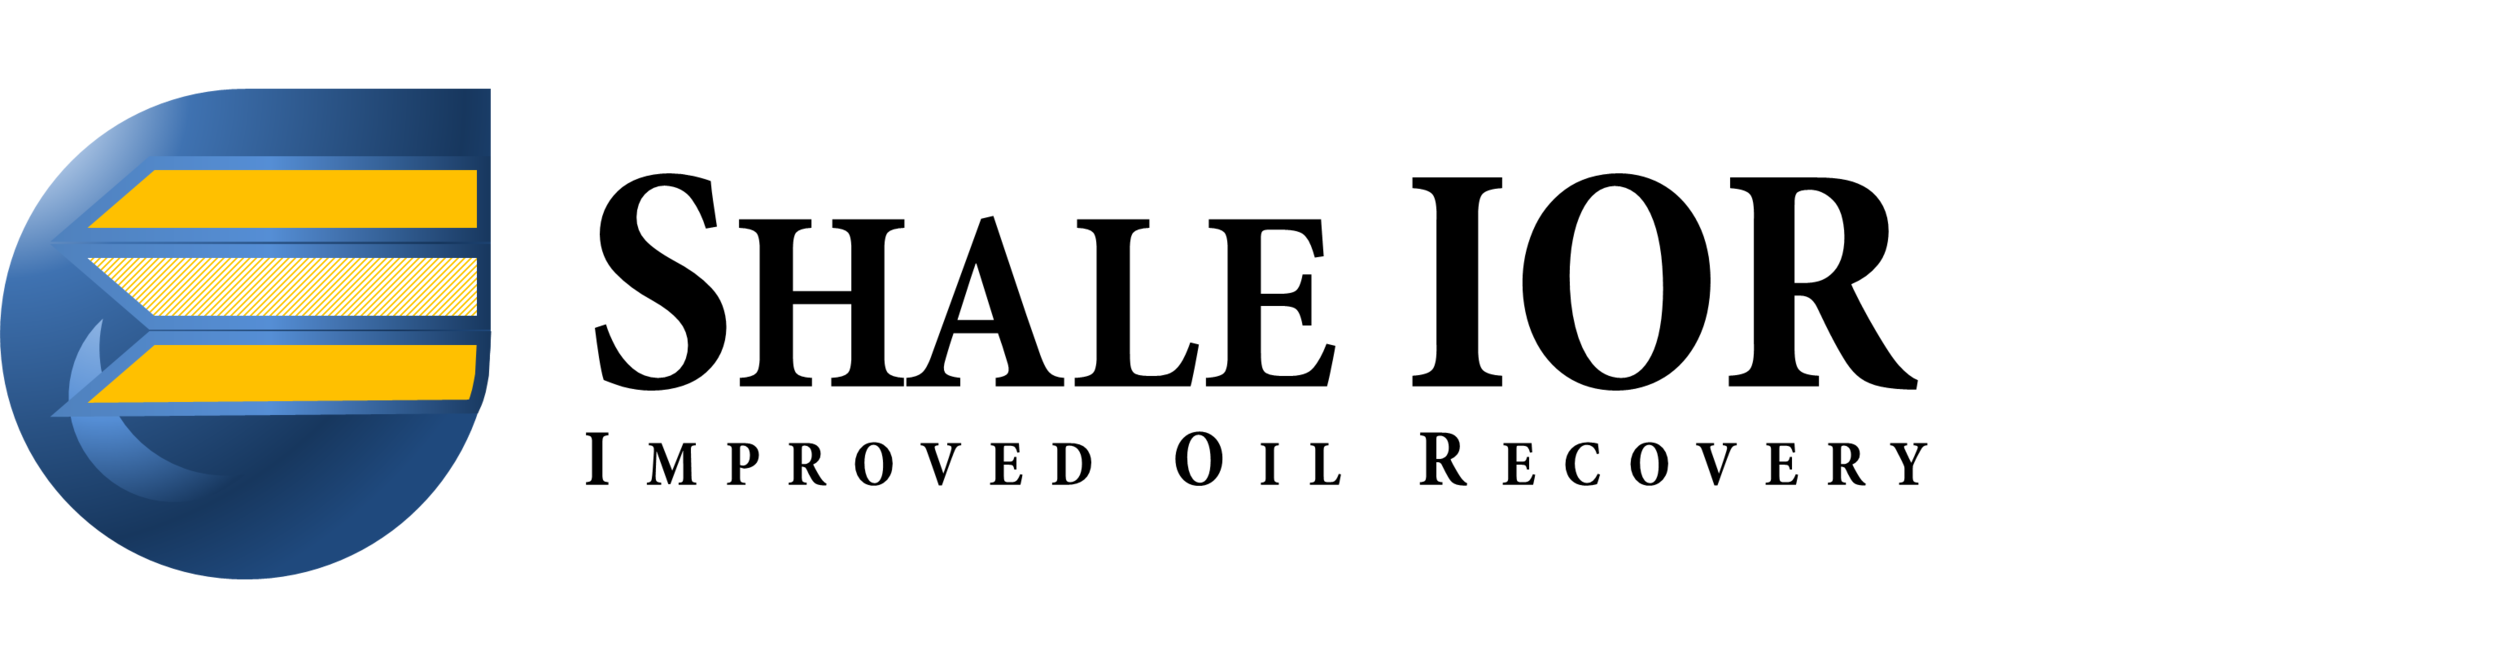 ShaleIOR_black (2).png